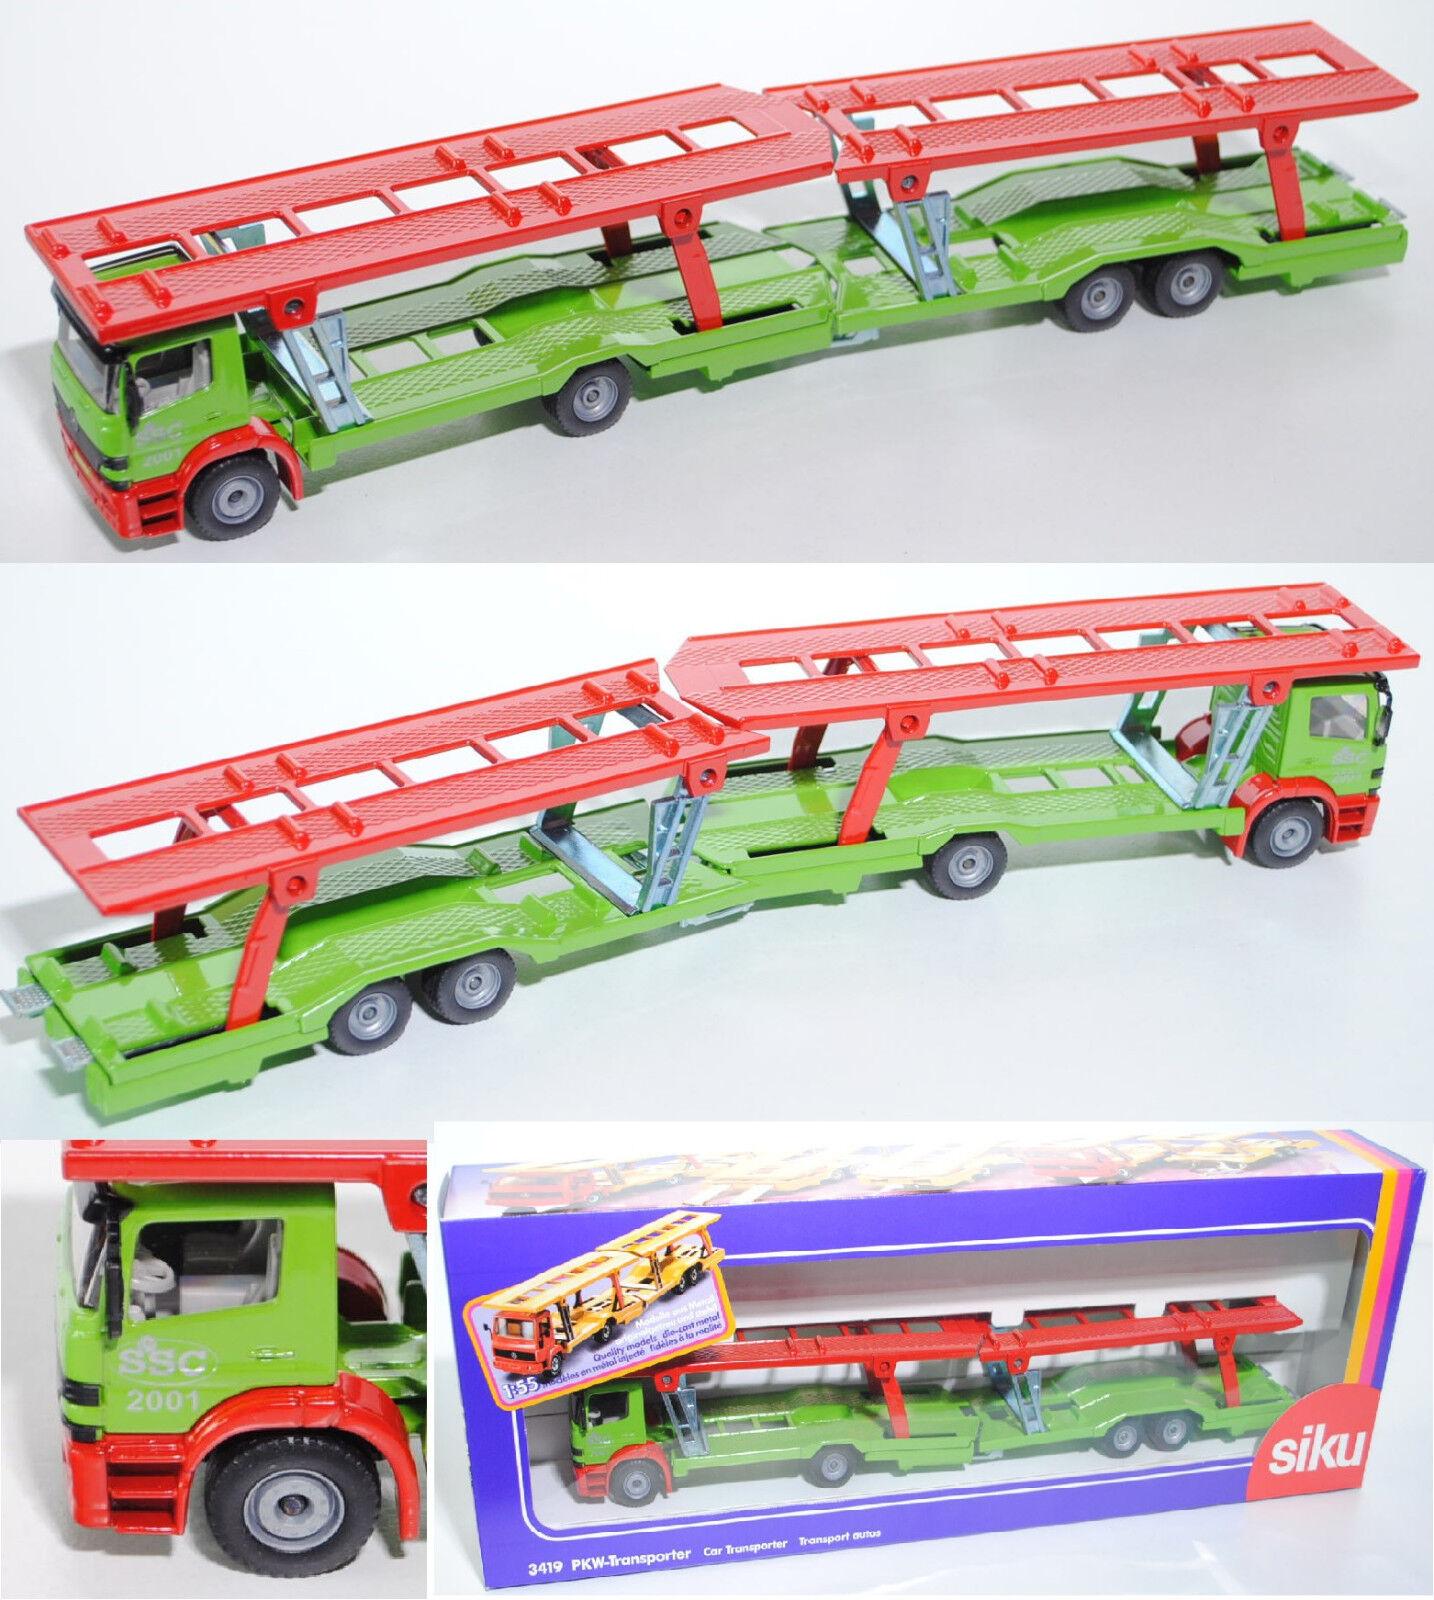 Siku súper 3419 mercedes Atego turismos-Transporter, SSC colección, aprox. 1 55